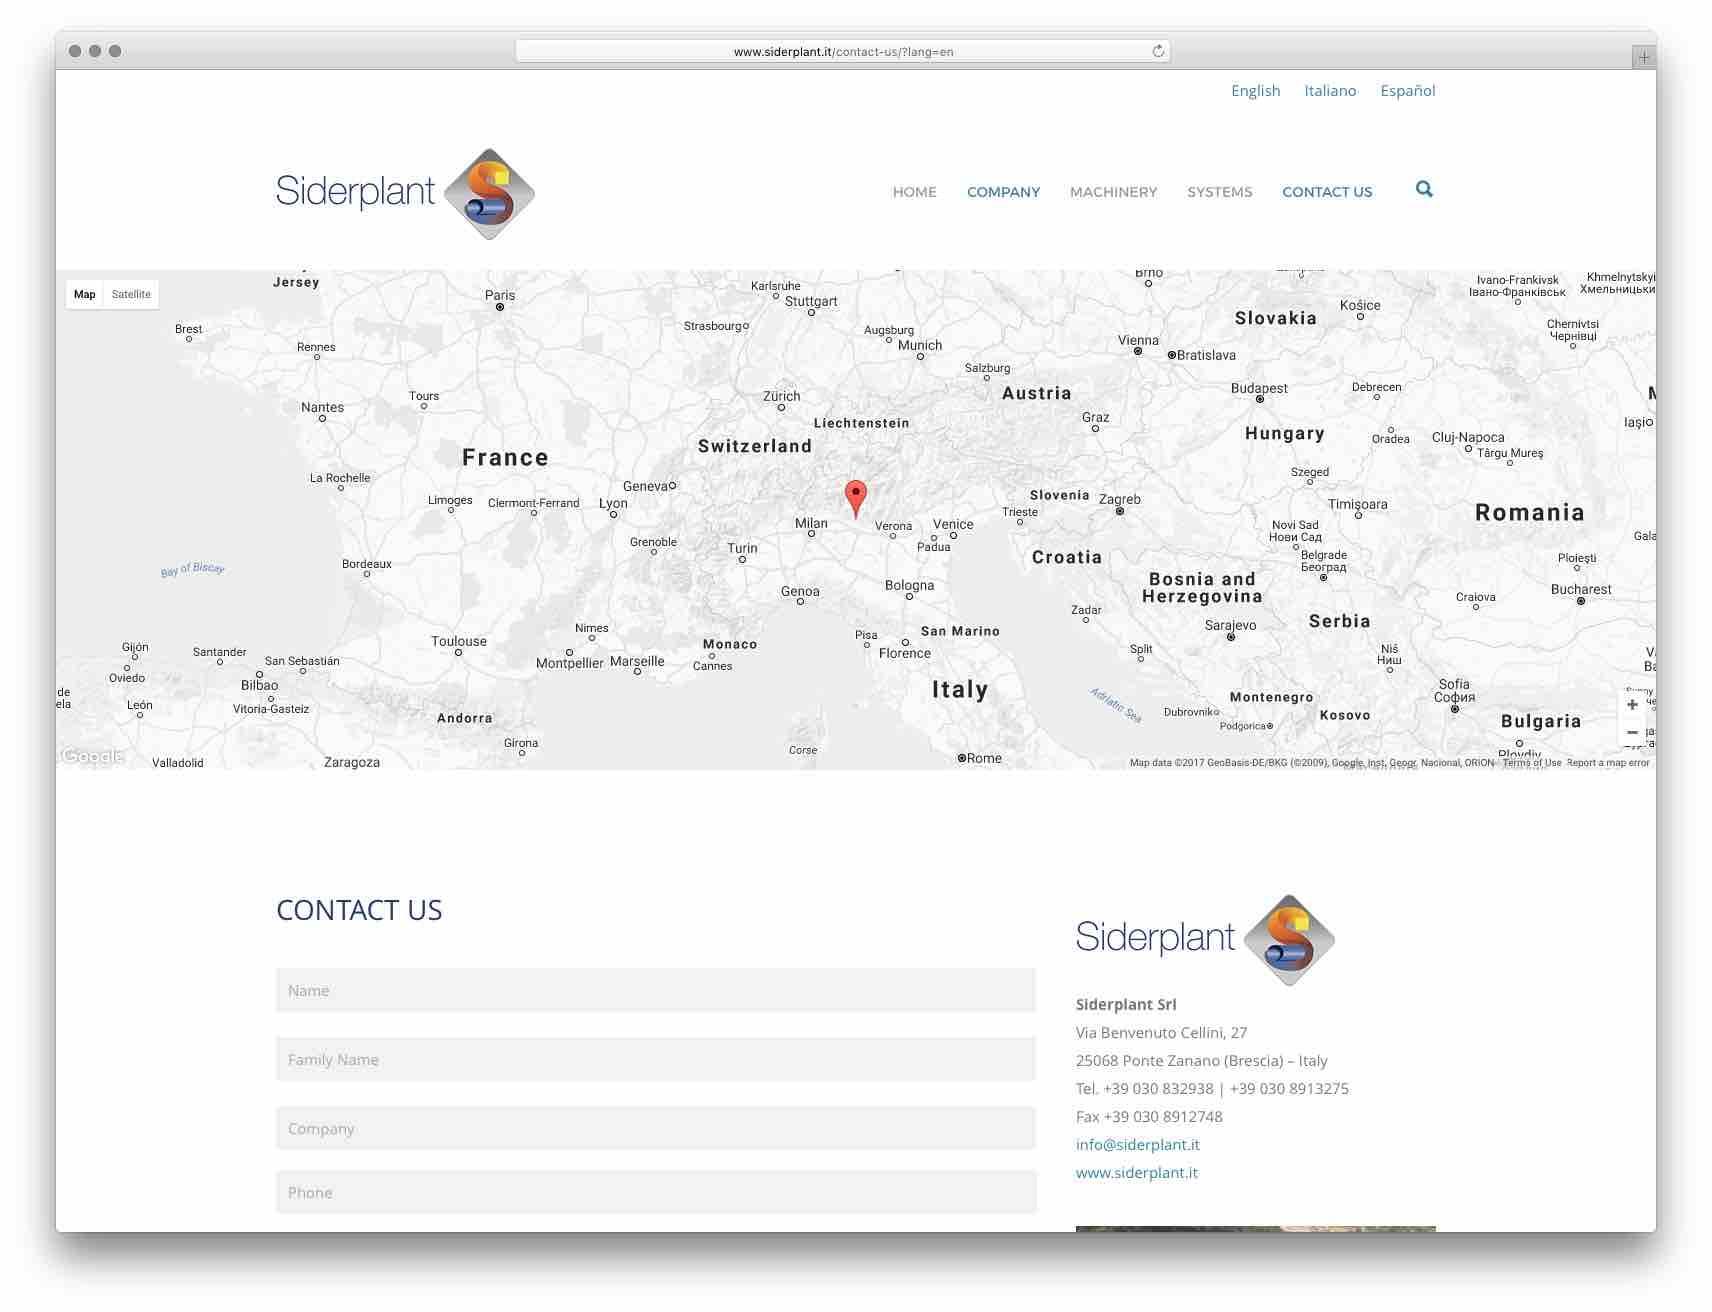 creazione siti web brescia - sito web siderplant